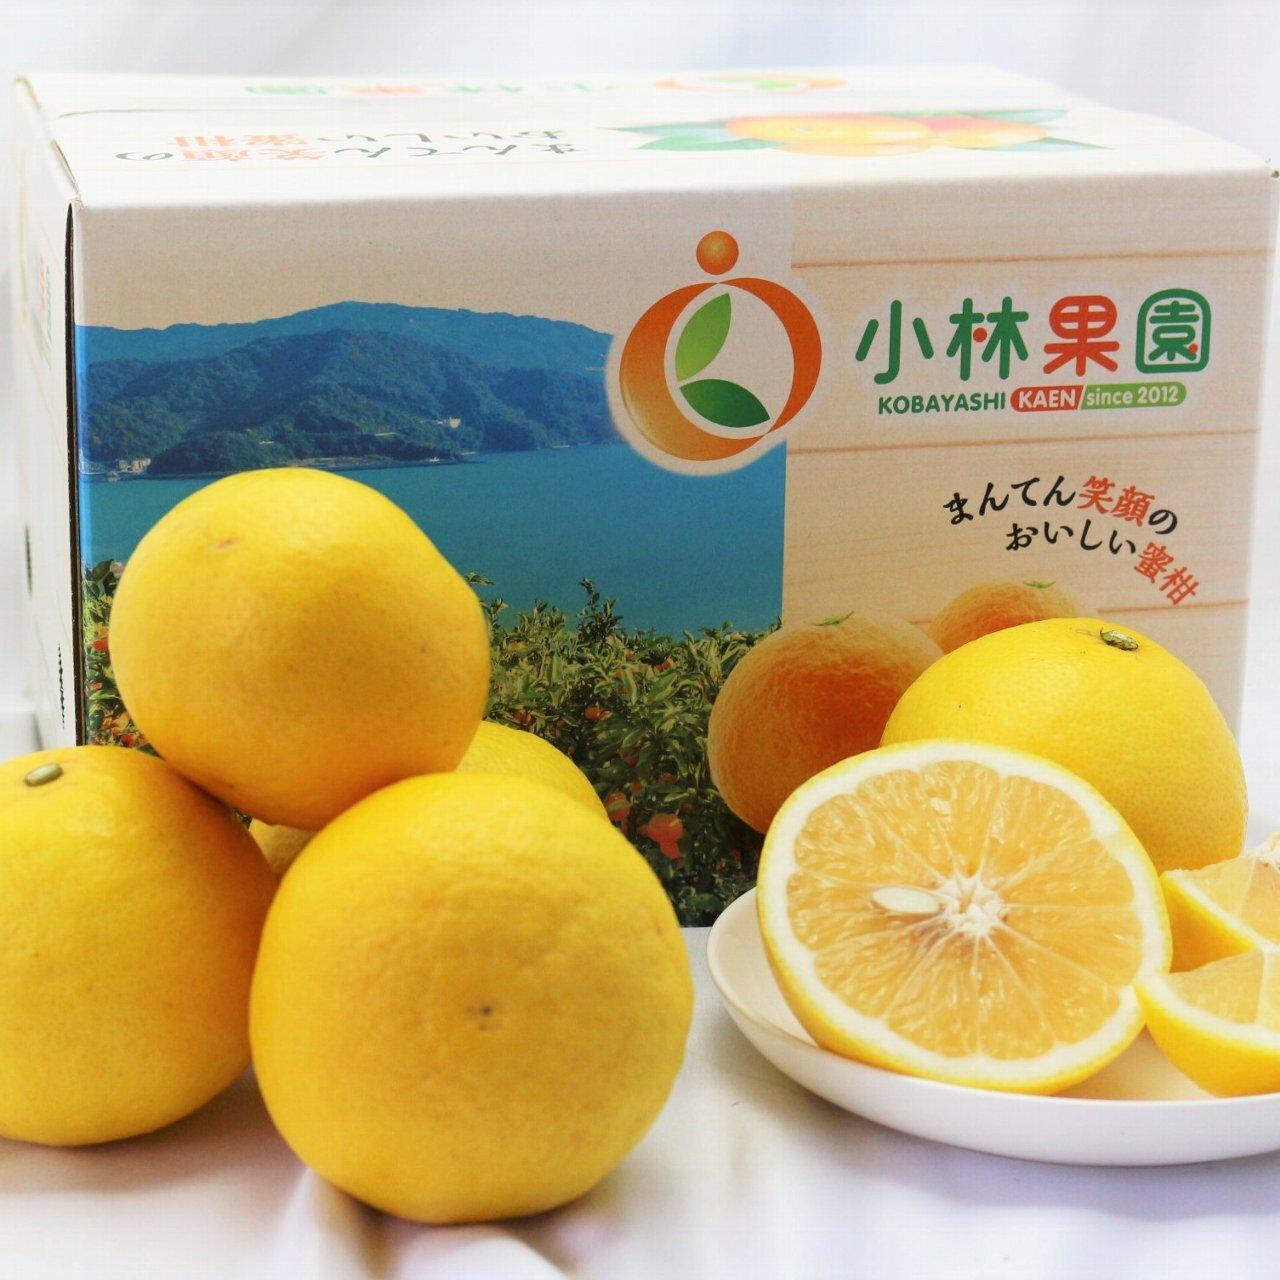 小林果園のニューサマーオレンジ 2.5kg